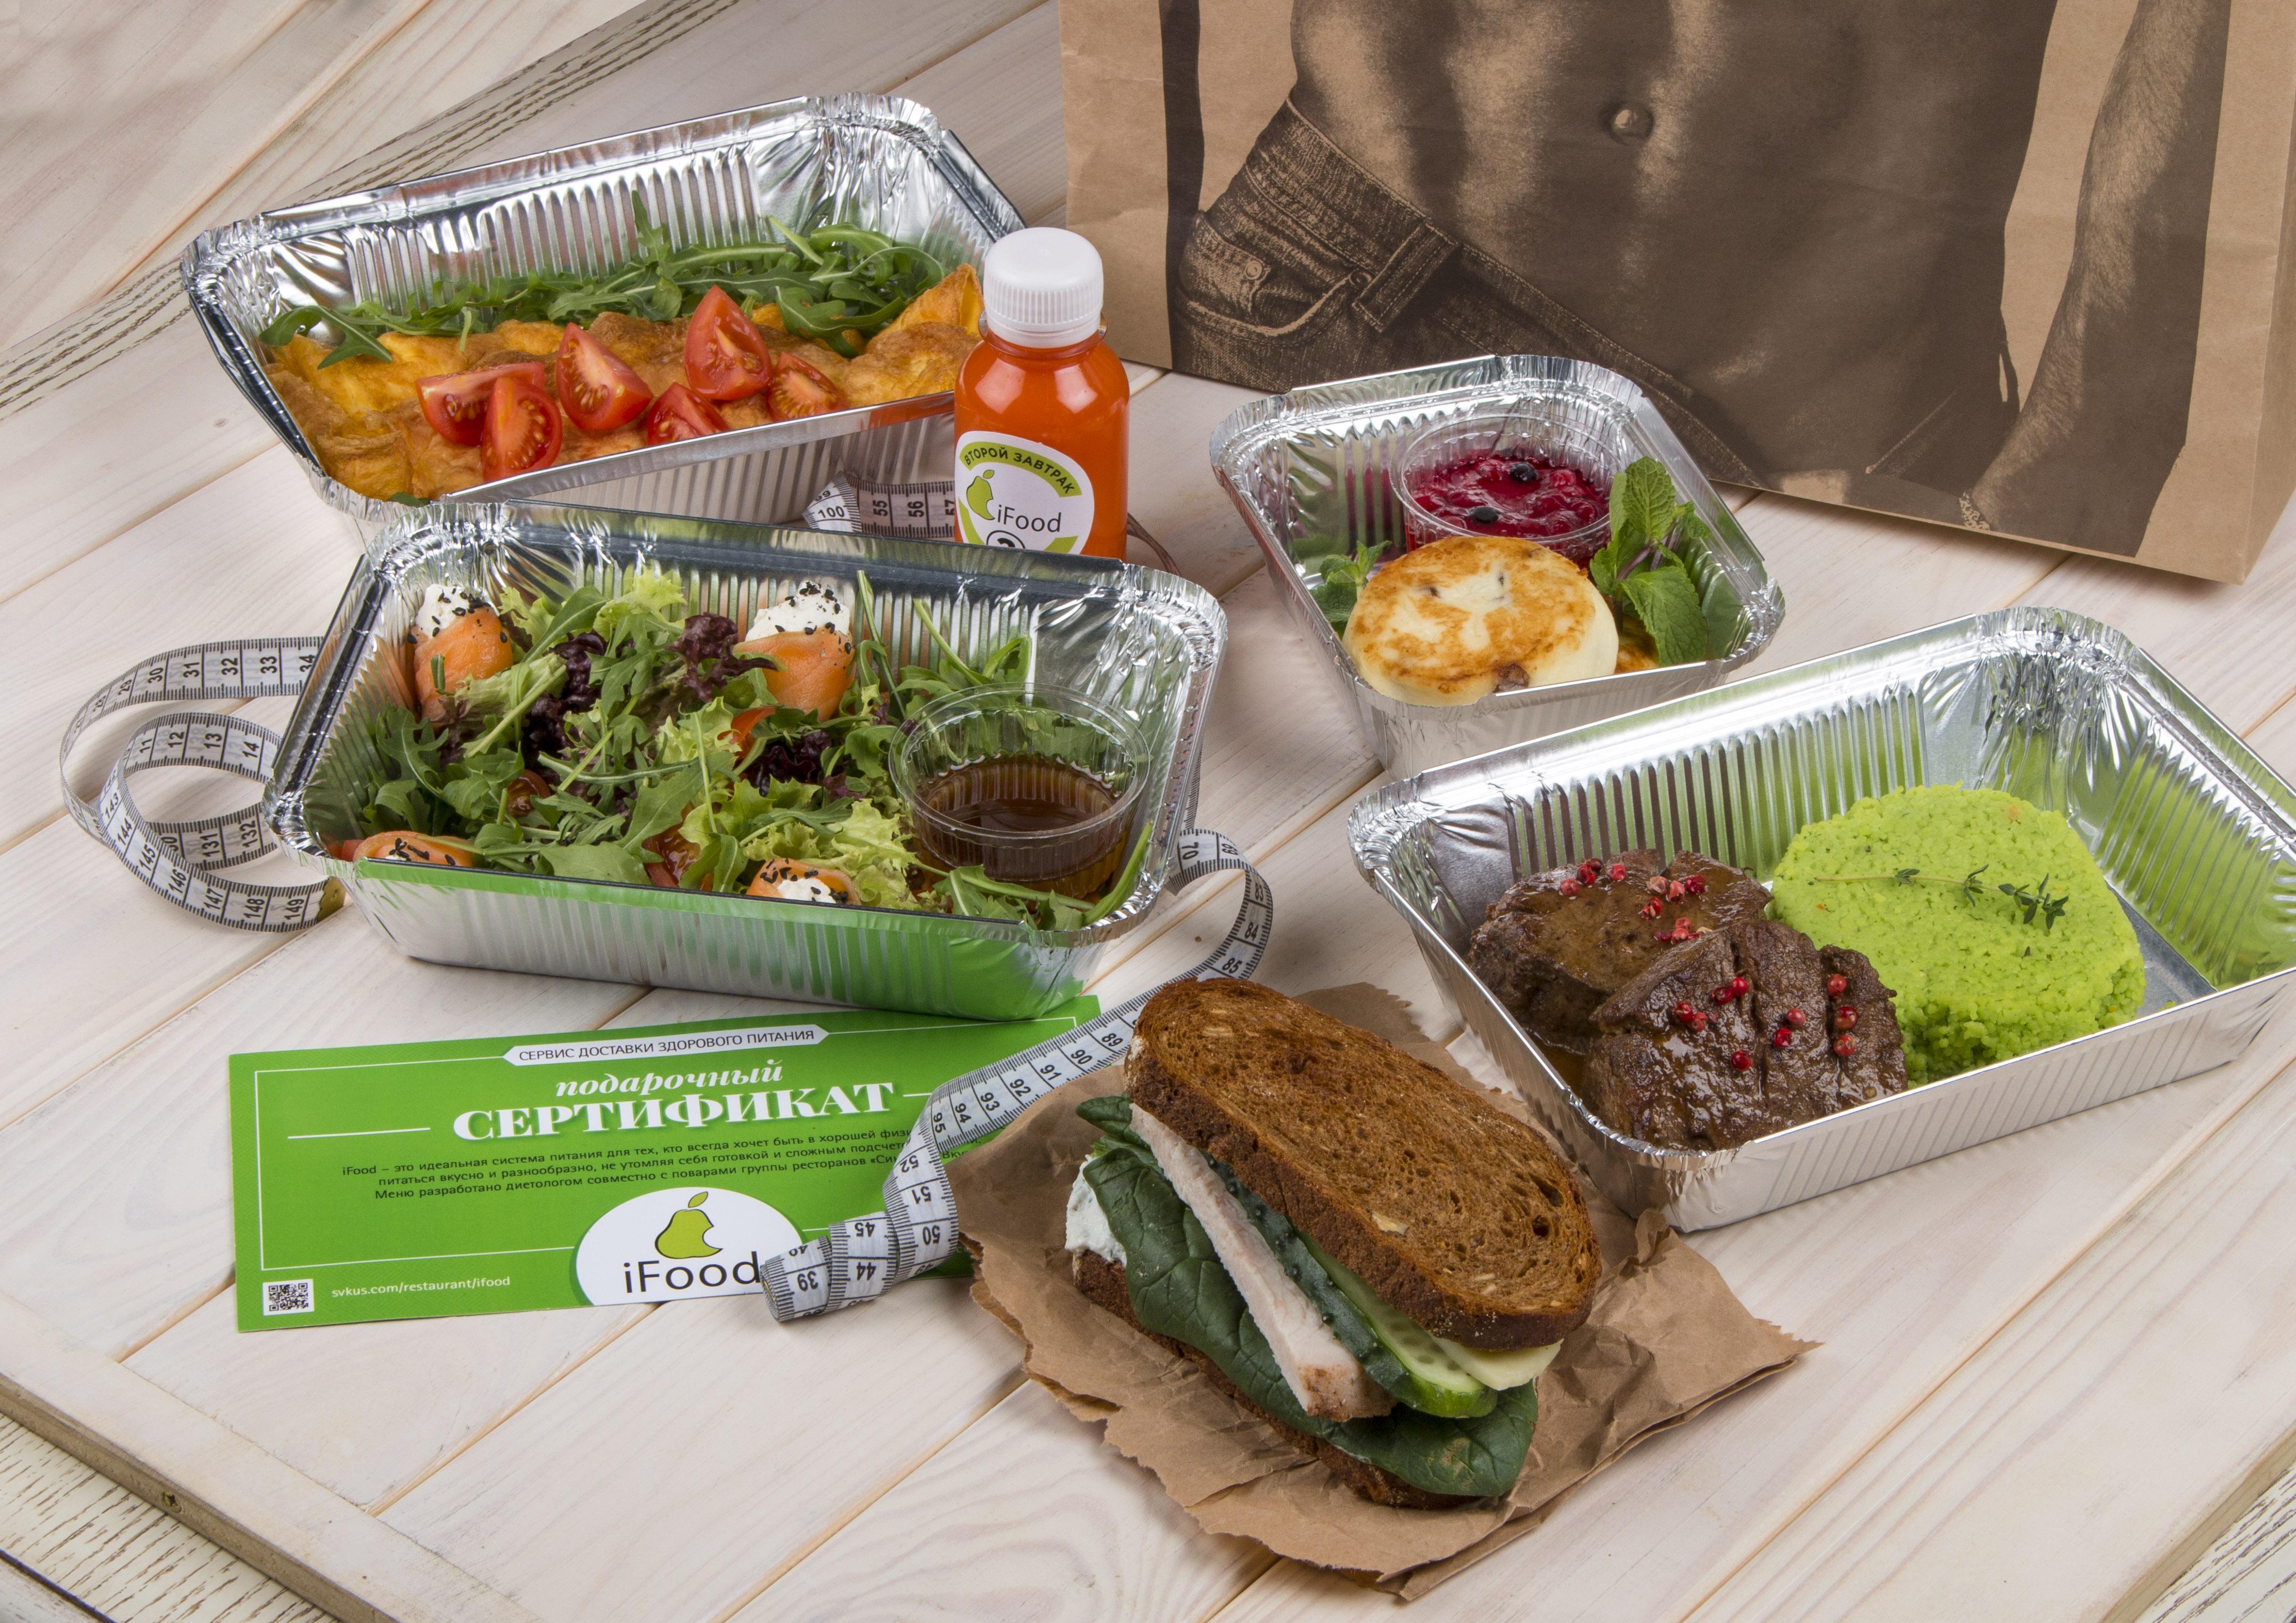 Здоровое питание для всей семьи: выбираем полезные продукты и составляем меню на каждый день